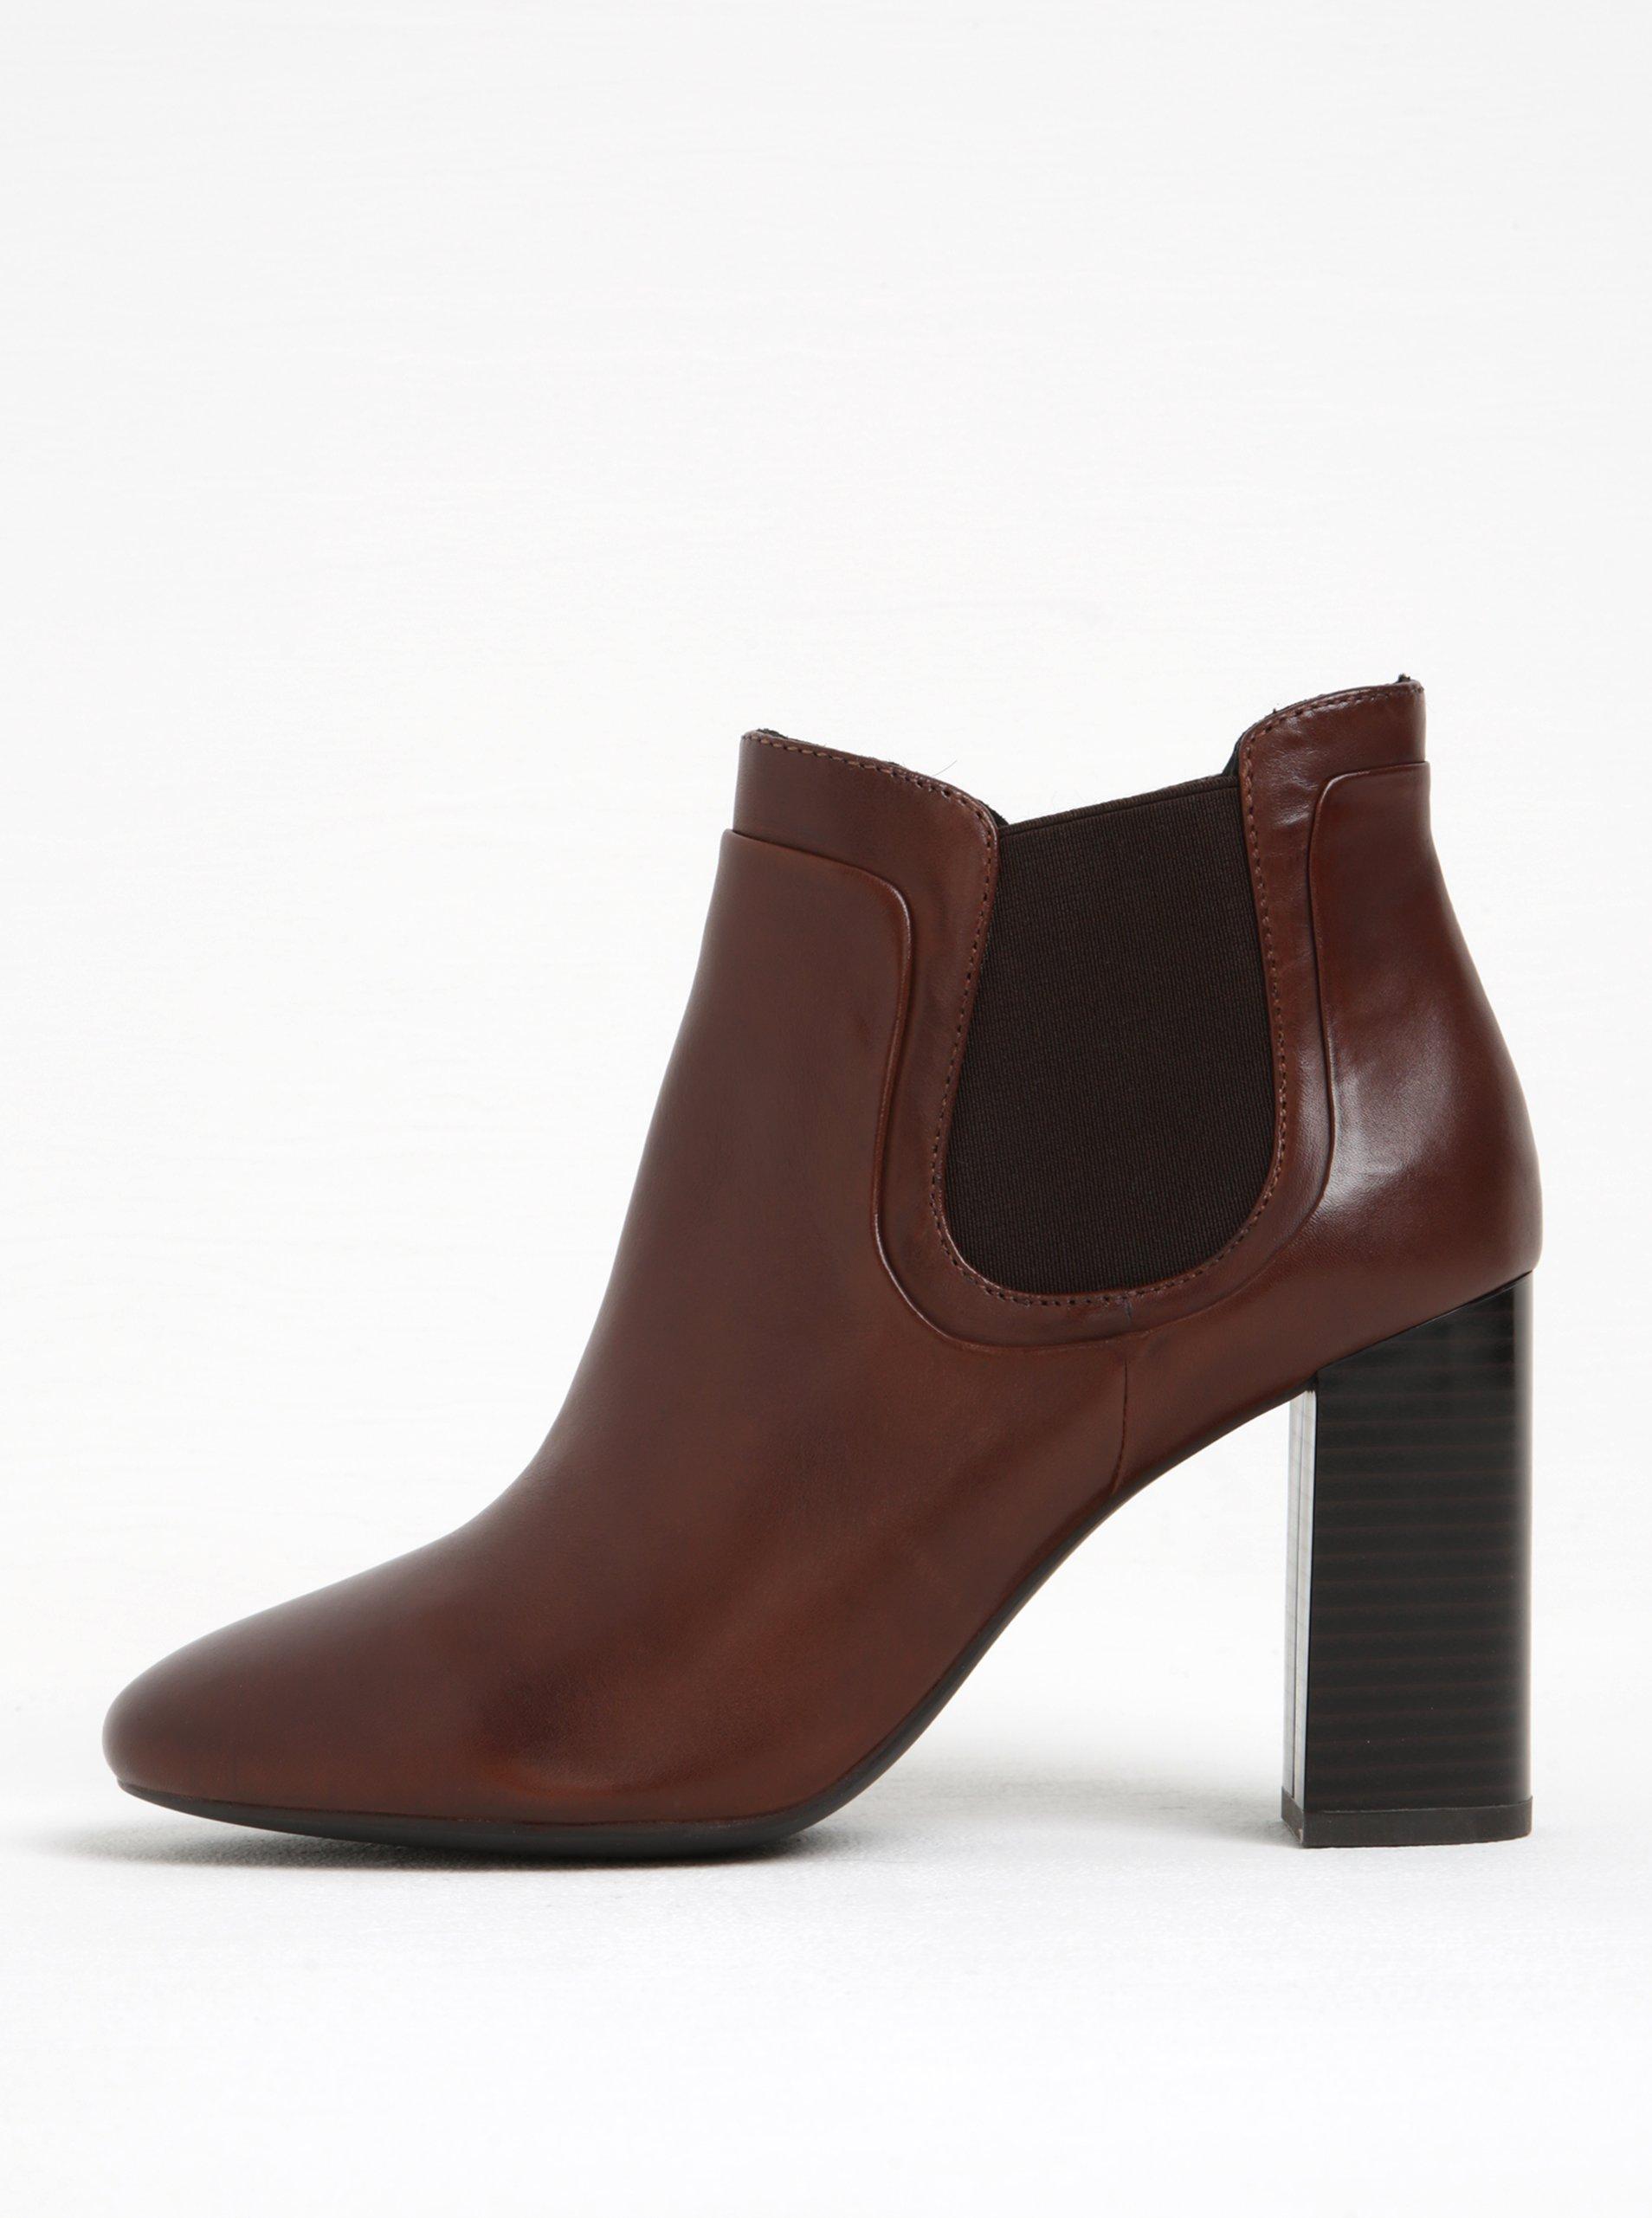 Hnědé dámské kožené chelsea boty na vysokém podpatku Geox Audalies